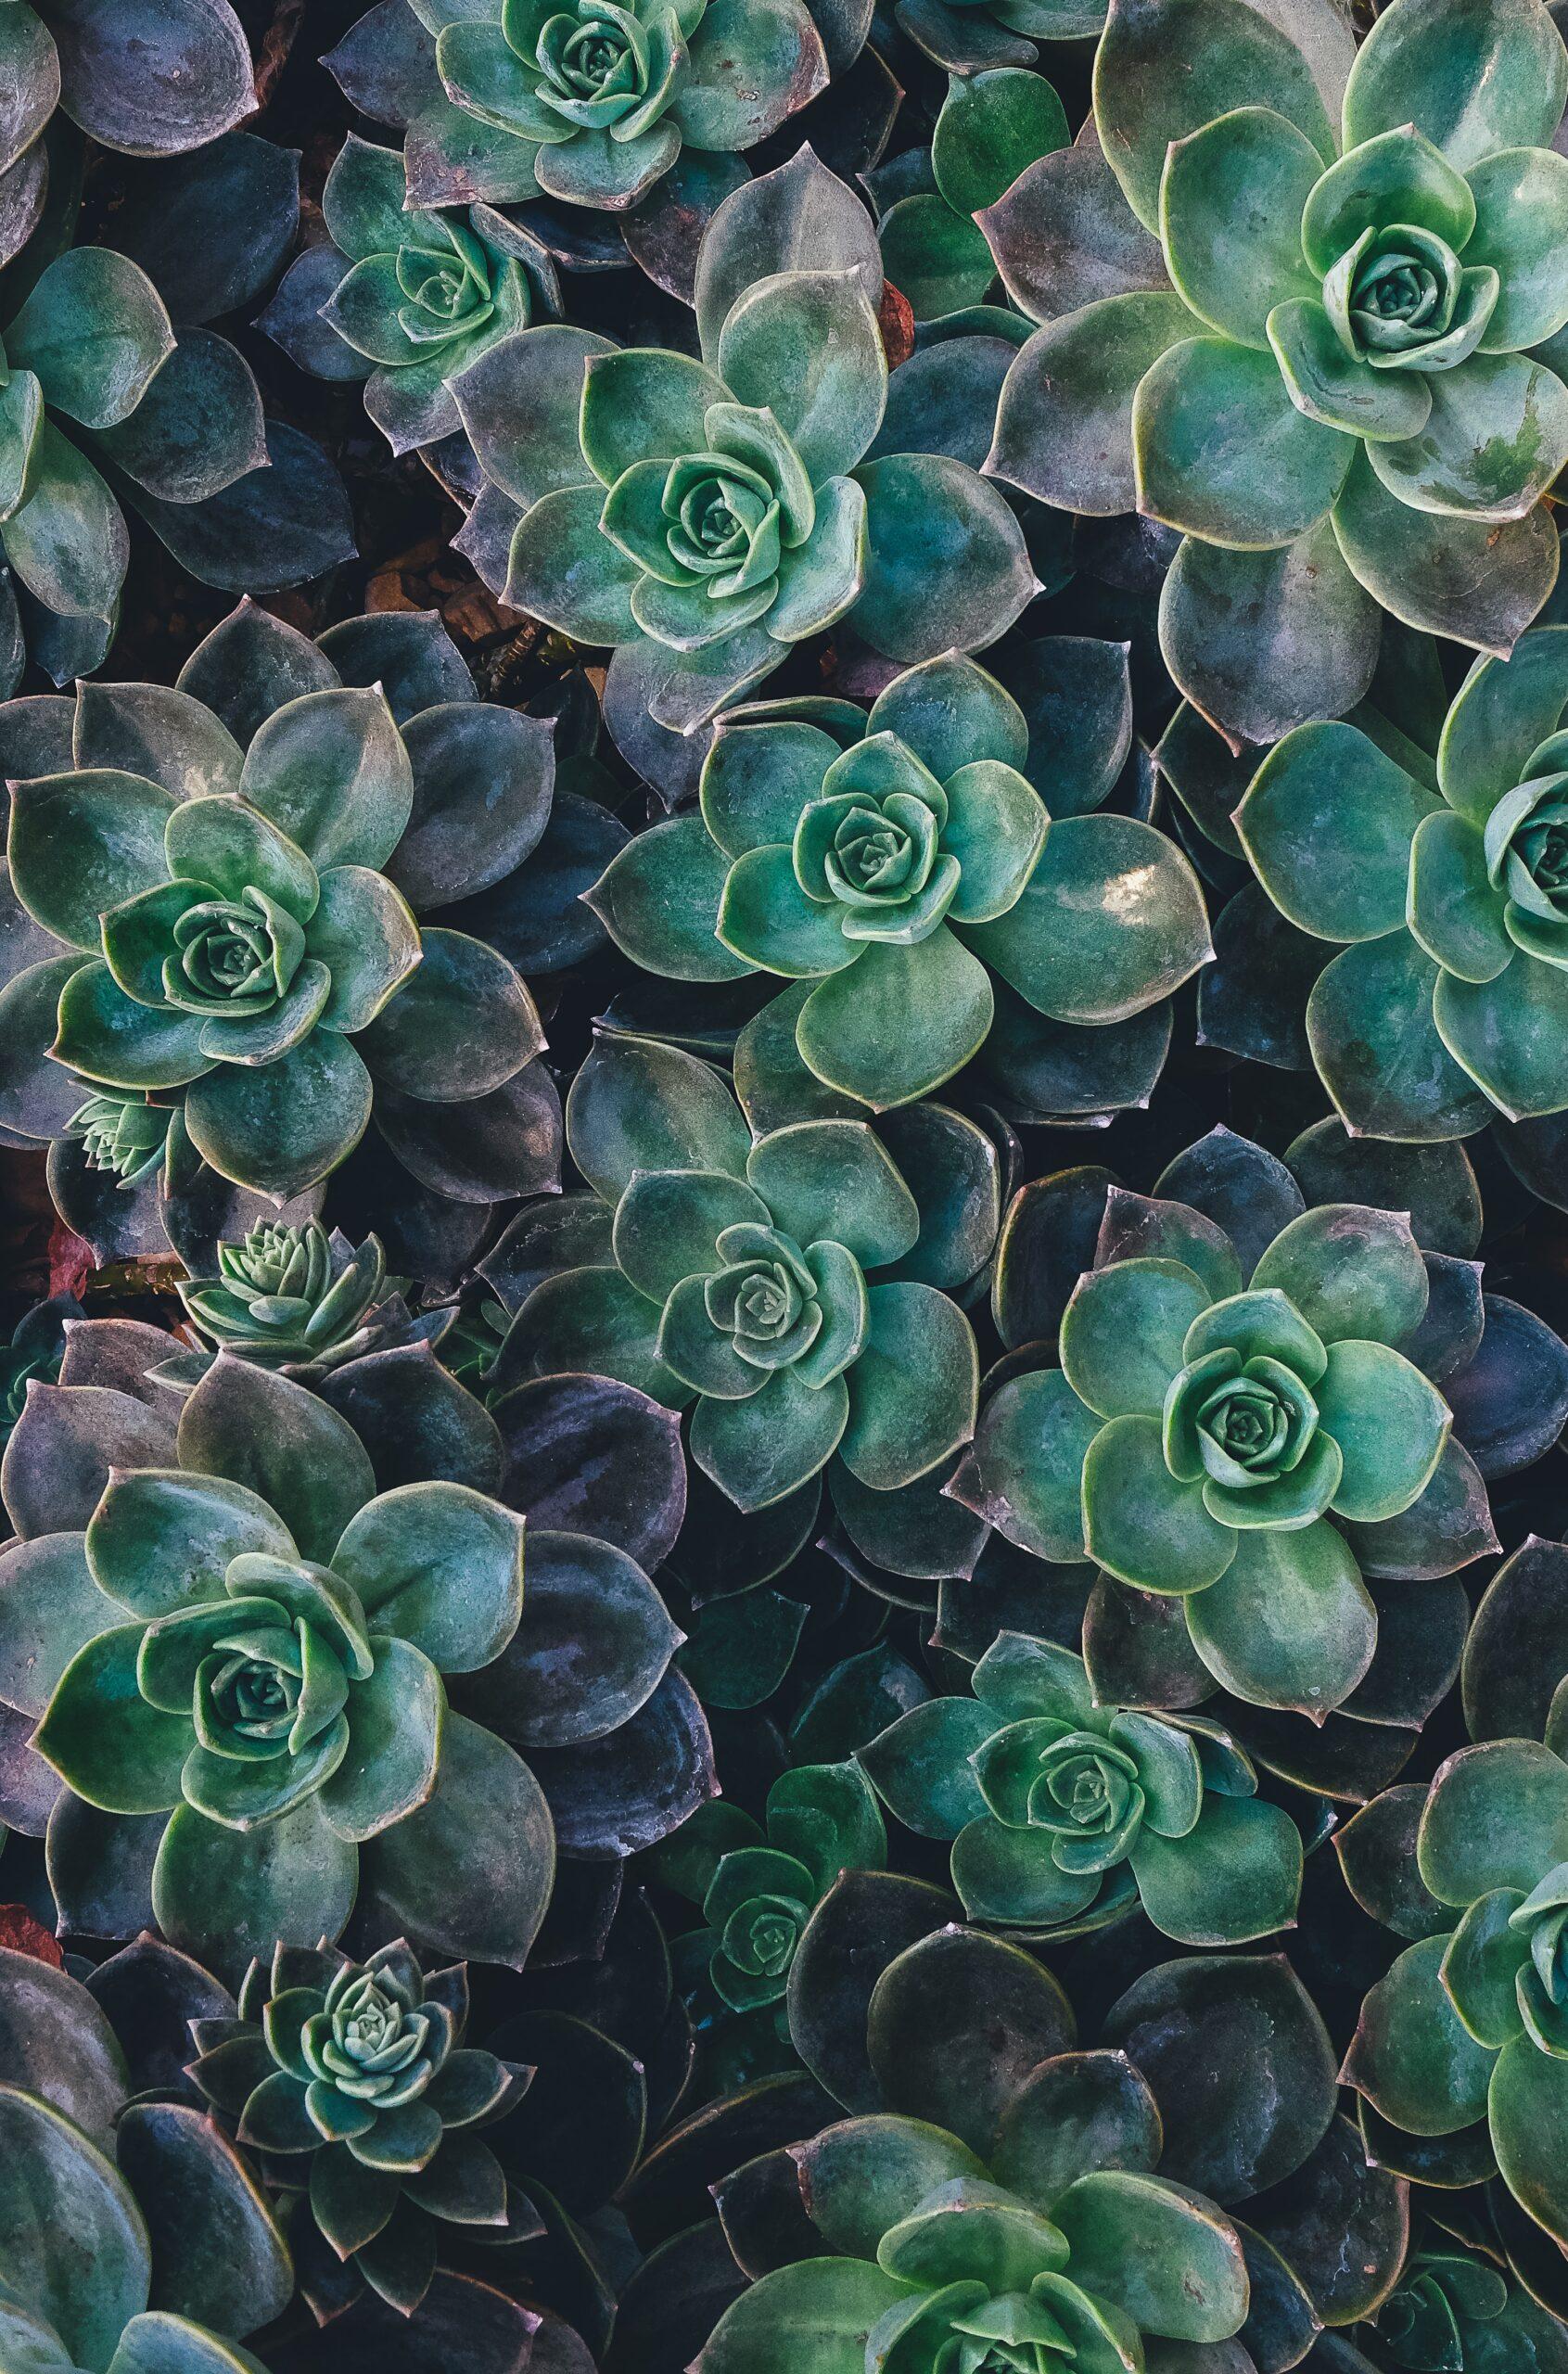 Succulent plants - Rachel Writes clients page